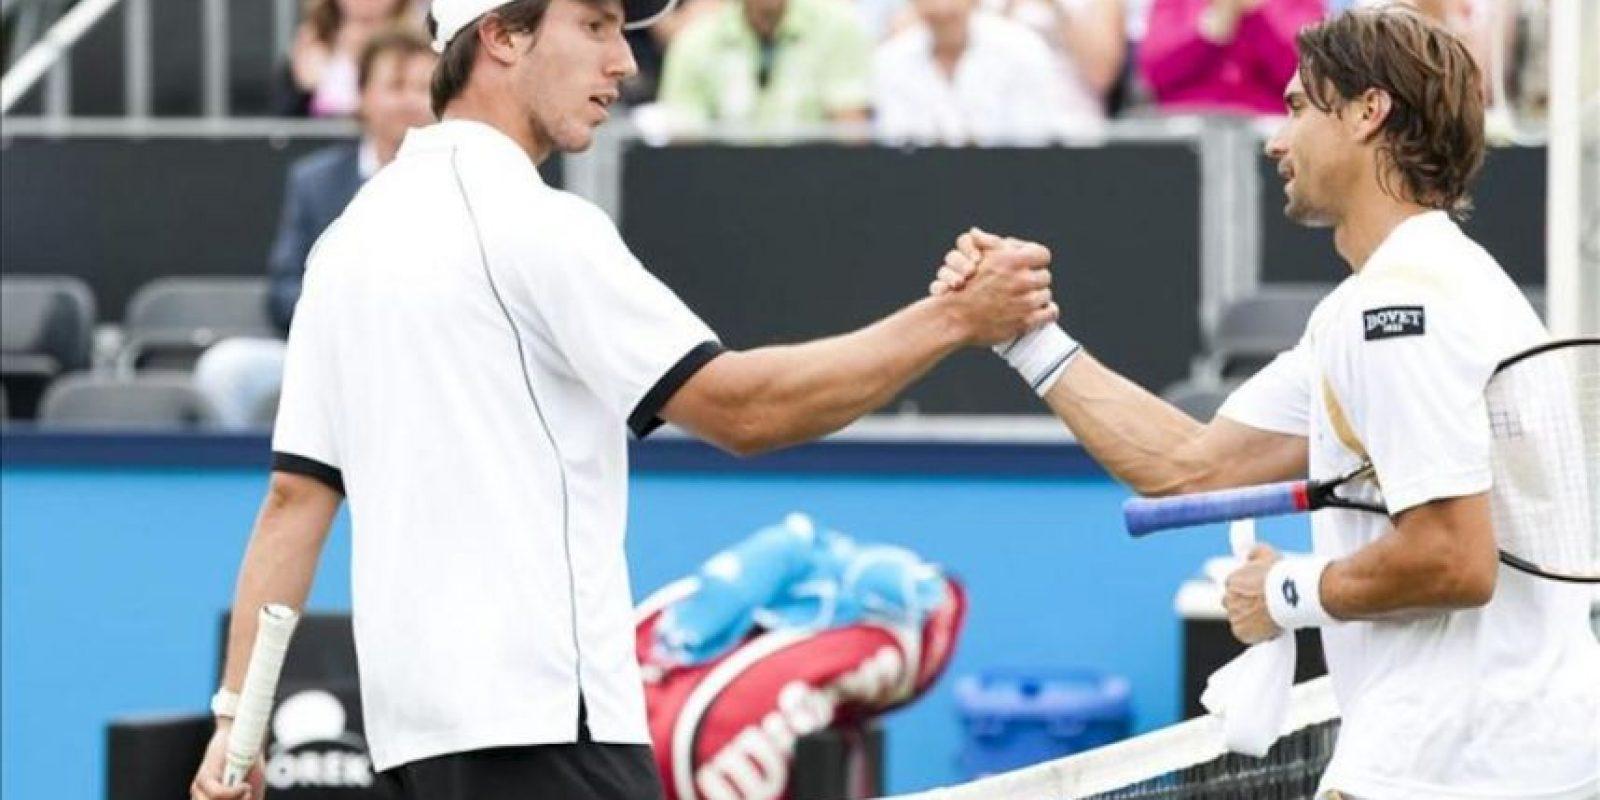 El tenista español David Ferrer (d) estrecha la mano del holandés Igor Sijsling después del partido de cuartos de final del torneo de Hertogenbosch que disputaron hoy en Rosmalen, Holanda. Ferrer ganó el encuentro por 6-0 y 6-1 en 42 minutos de partido. EFE